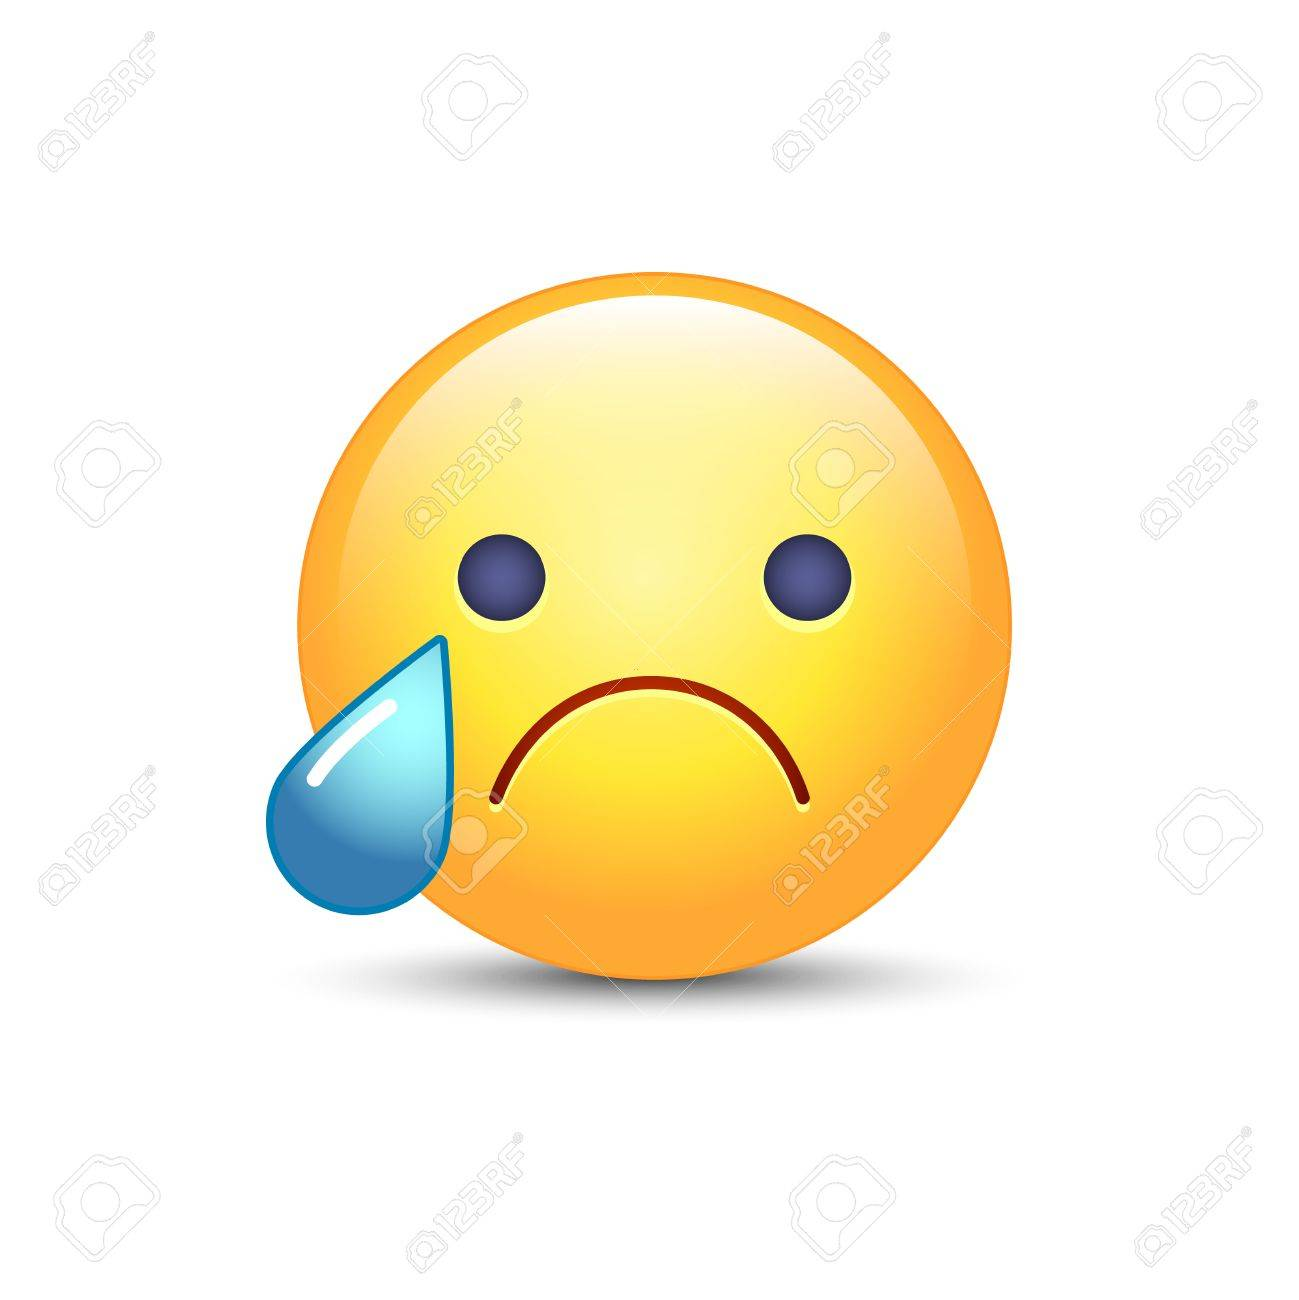 Visage D Emoji Déçu Smiley De Dessin Animé De Vecteur Qui Pleure Triste Humeur D émoticône